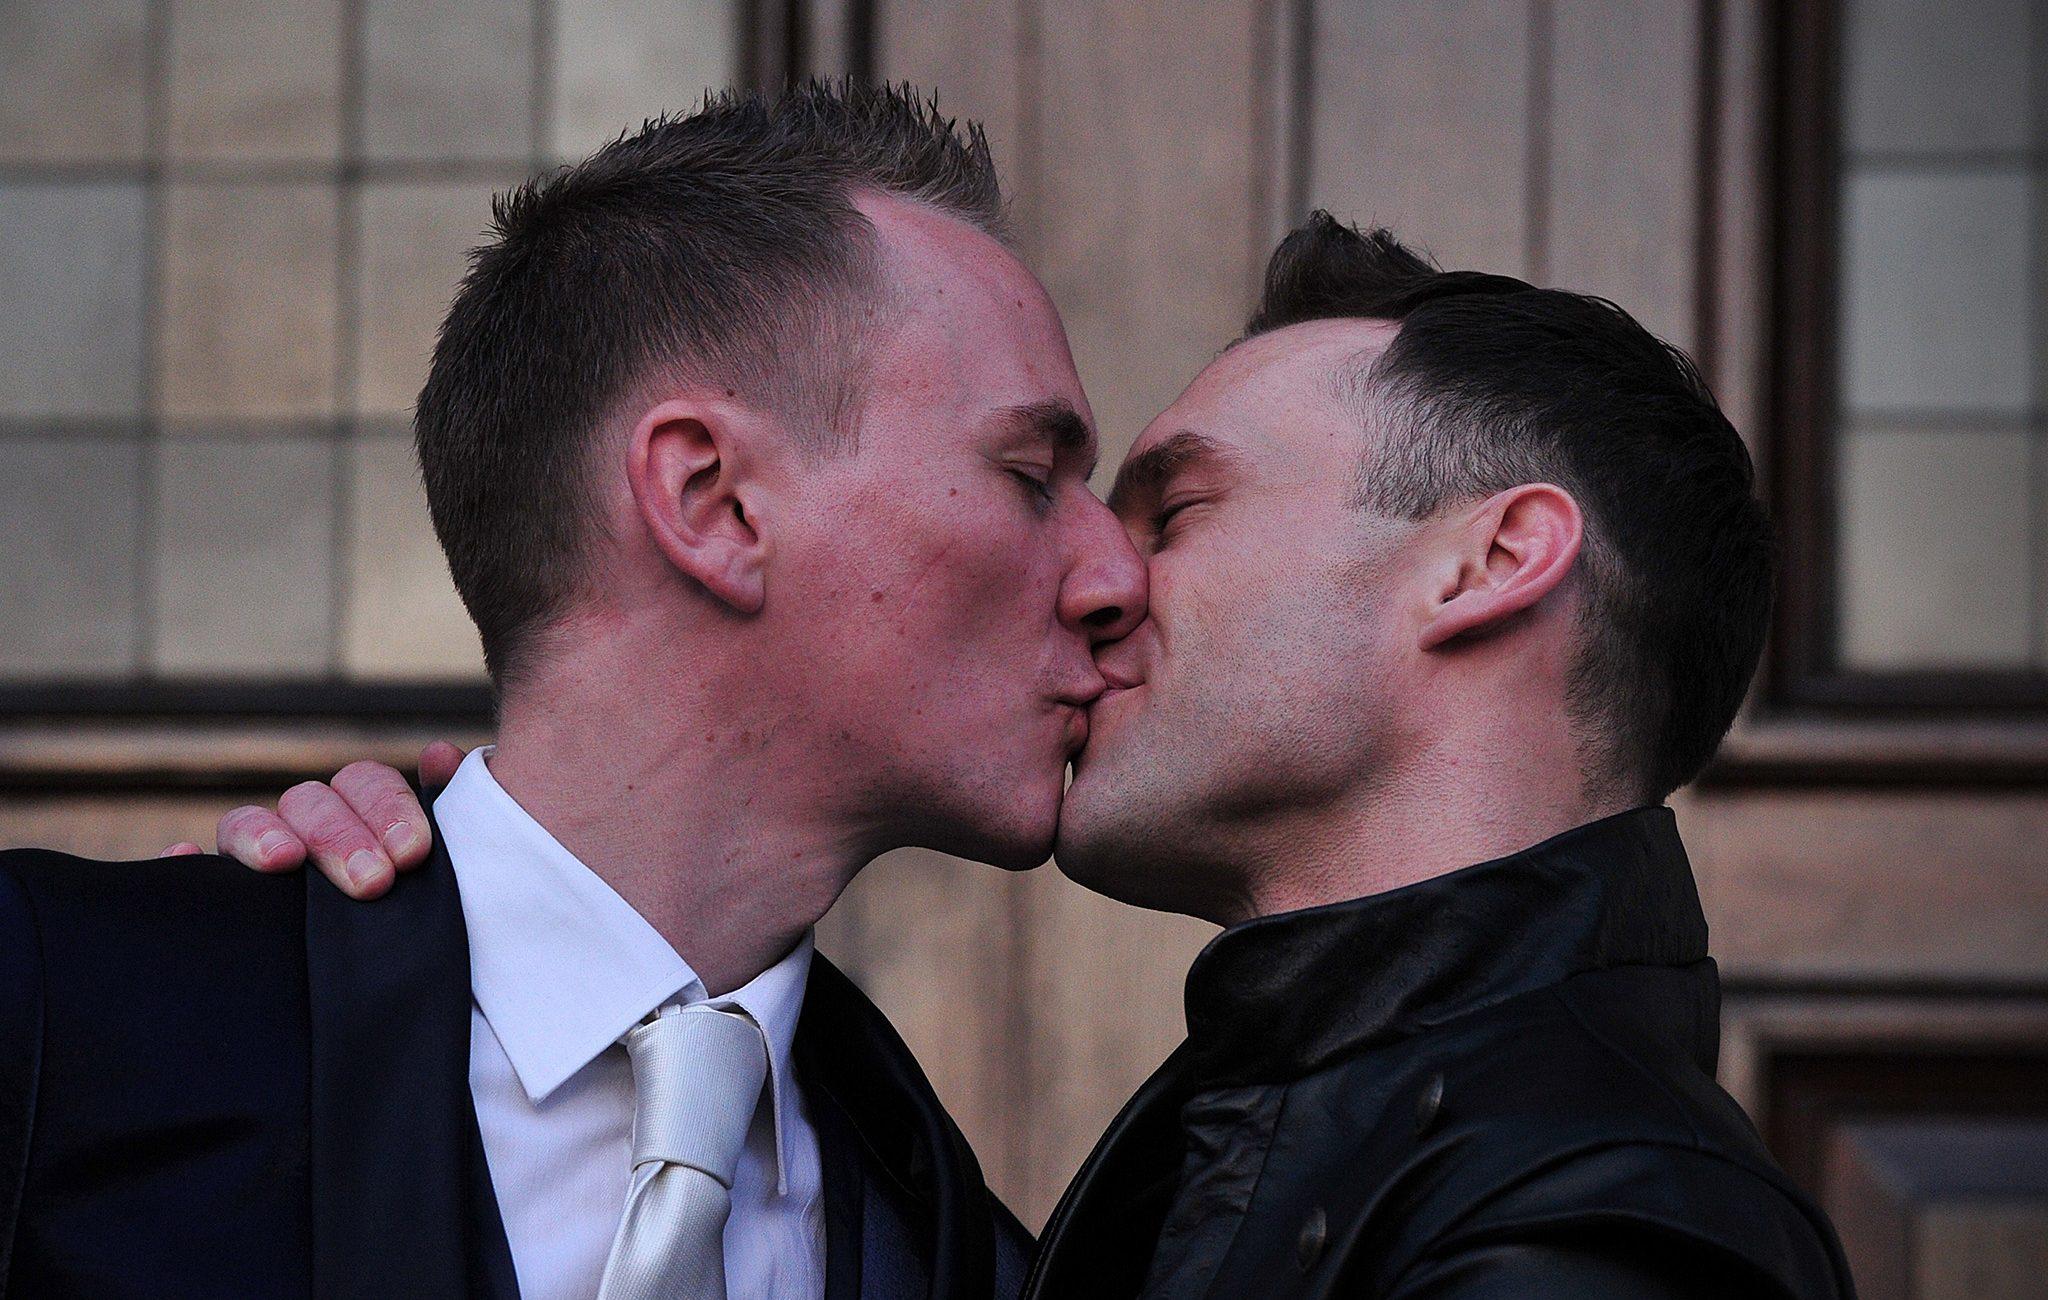 ŞOK! Büyük Britanya'nın Yüzde 40'ı Eşcinselliğin Doğal Olmadığına İnanıyor!